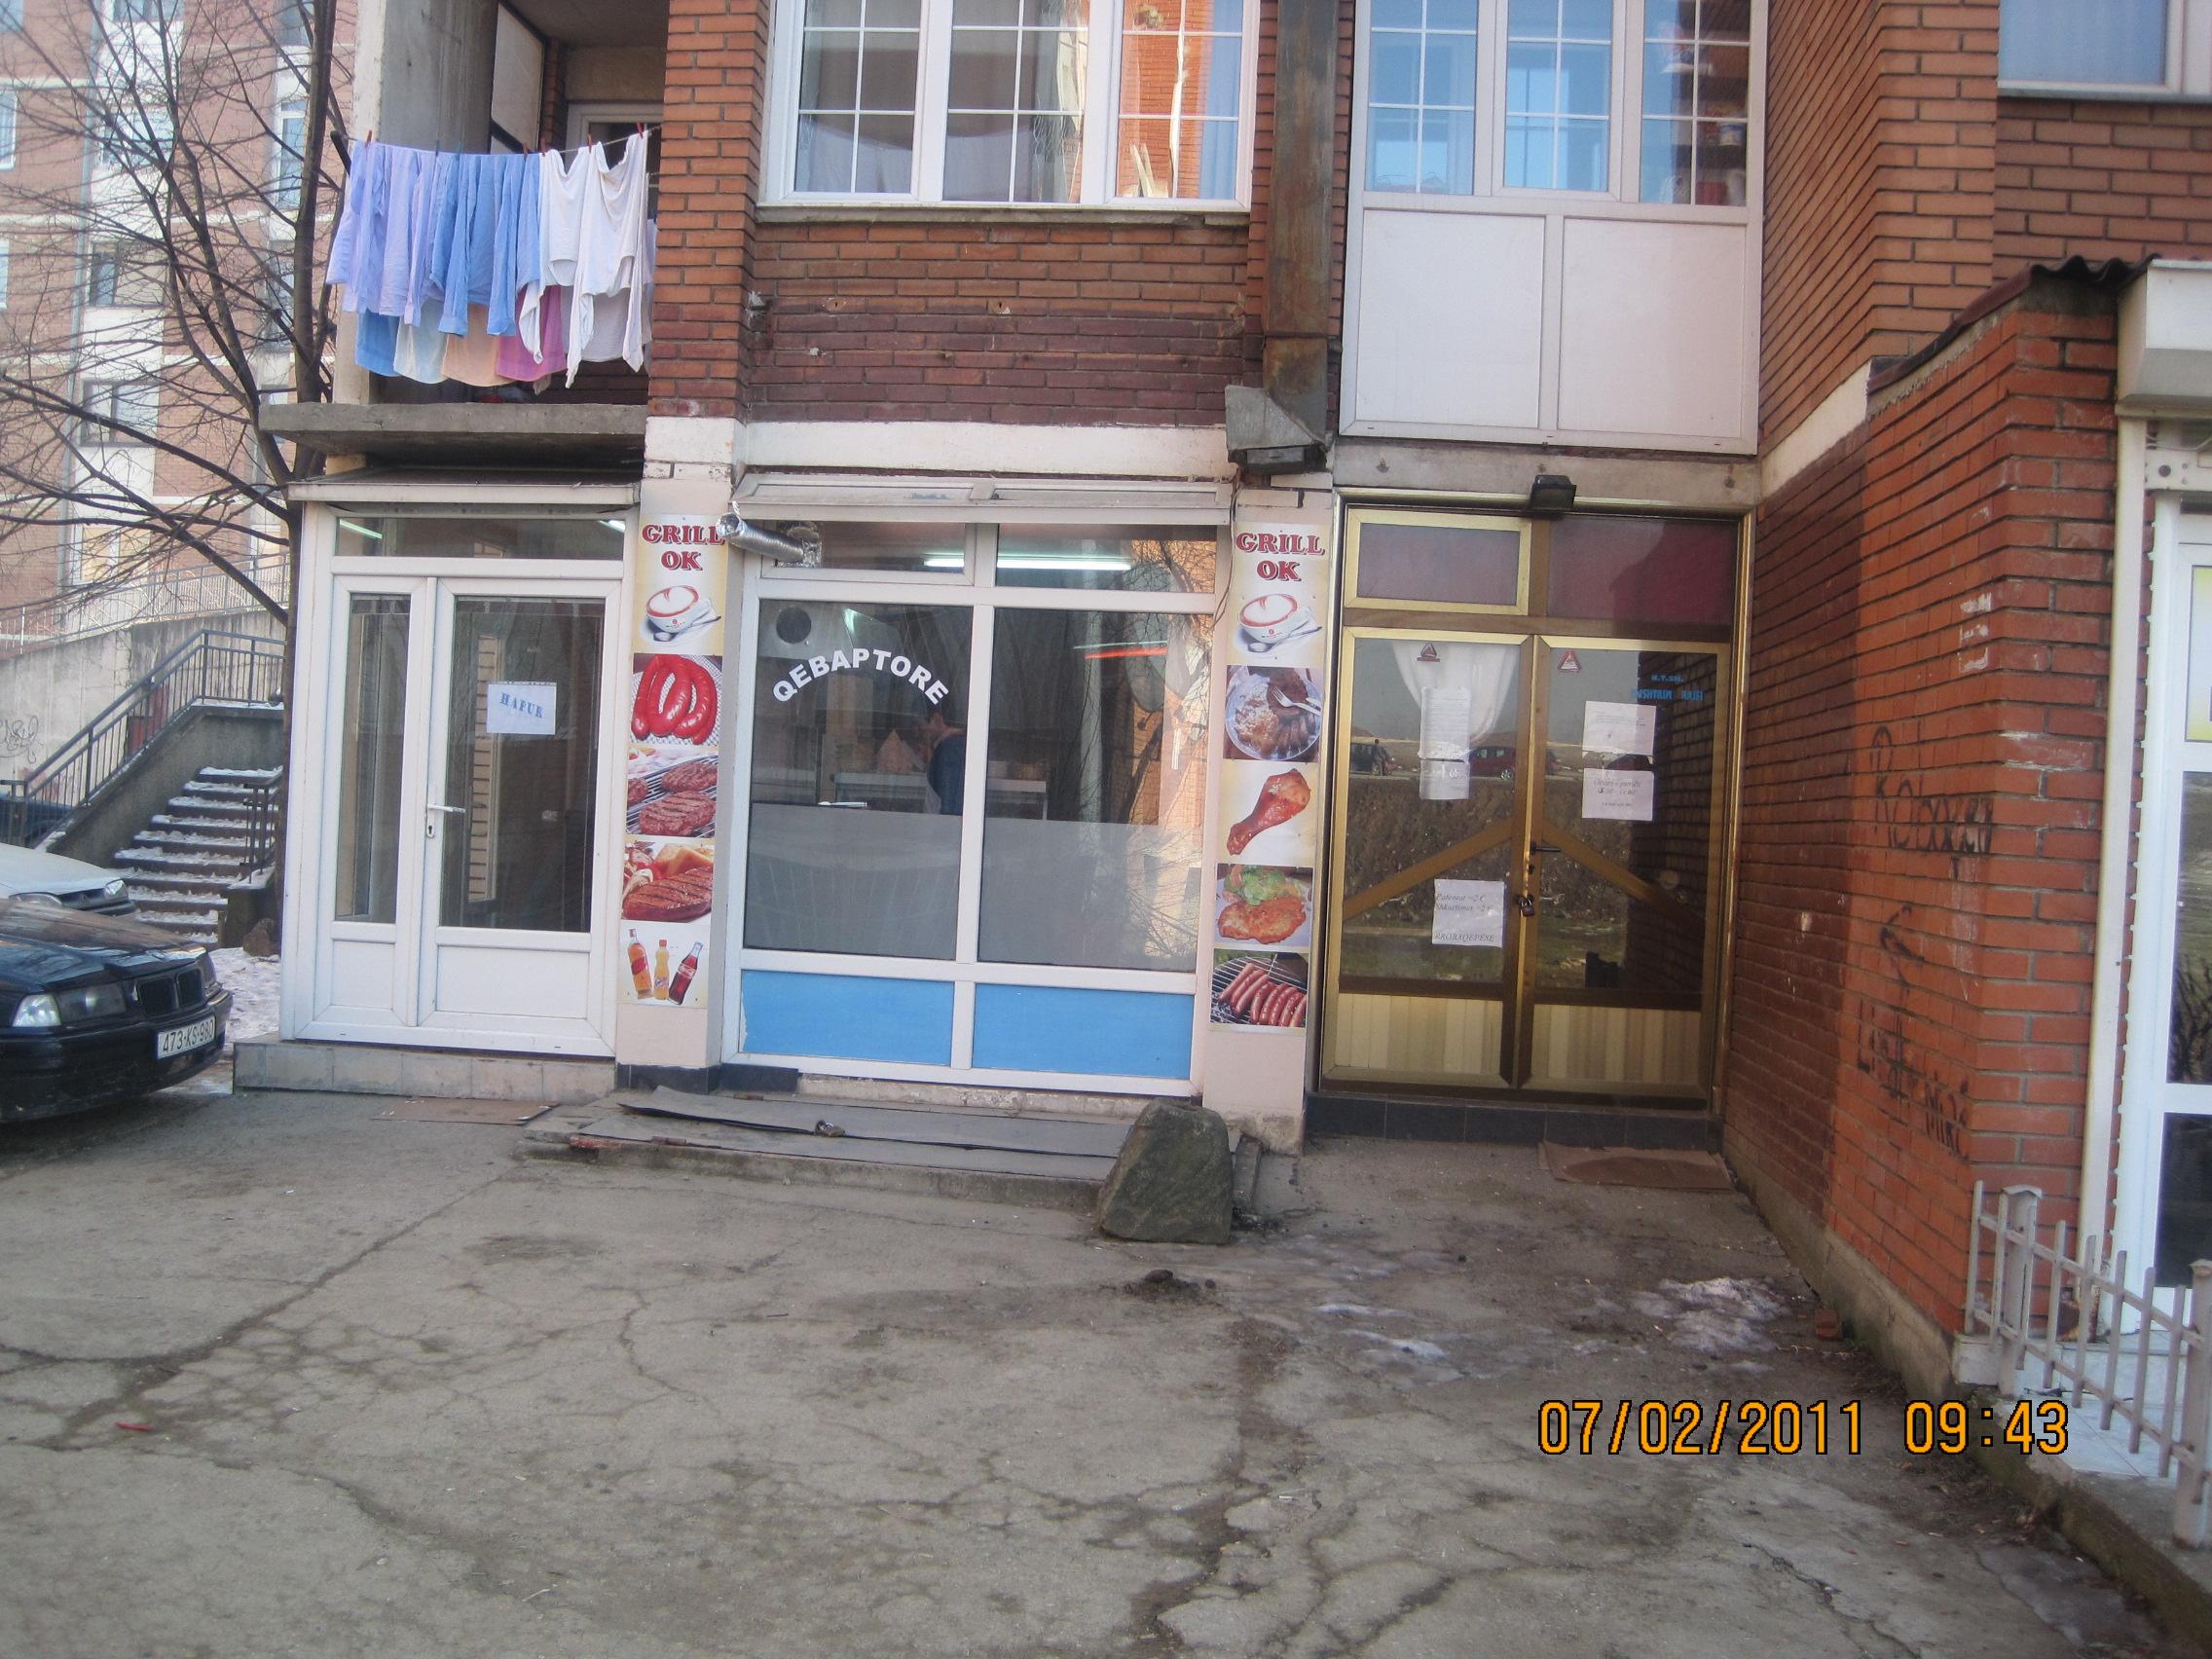 Lokal afarist per shitje ne lagjen Dardania, mbrapa Bast Trade-s, afer Stacionit te Autobisave, me siperfaqe 40m2 me letra, 80m2 fizike, kati Perdhese